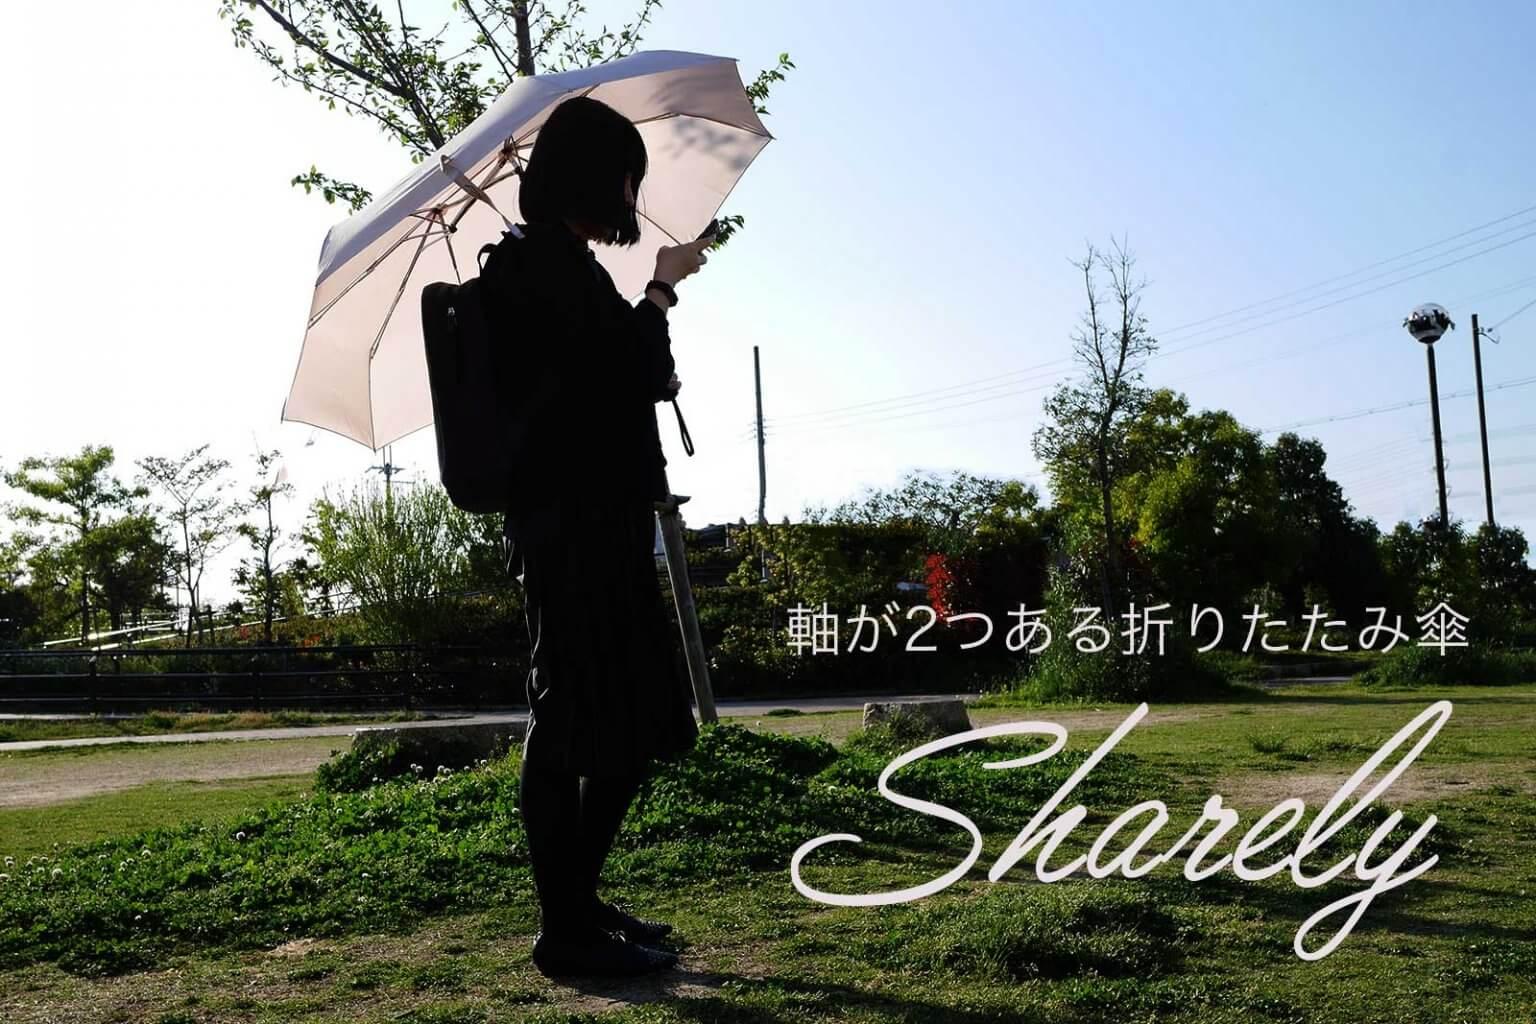 お子さんとのお出かけにも最適!?軸が二つある大きい折りたたみ傘「Sharely」【PR】